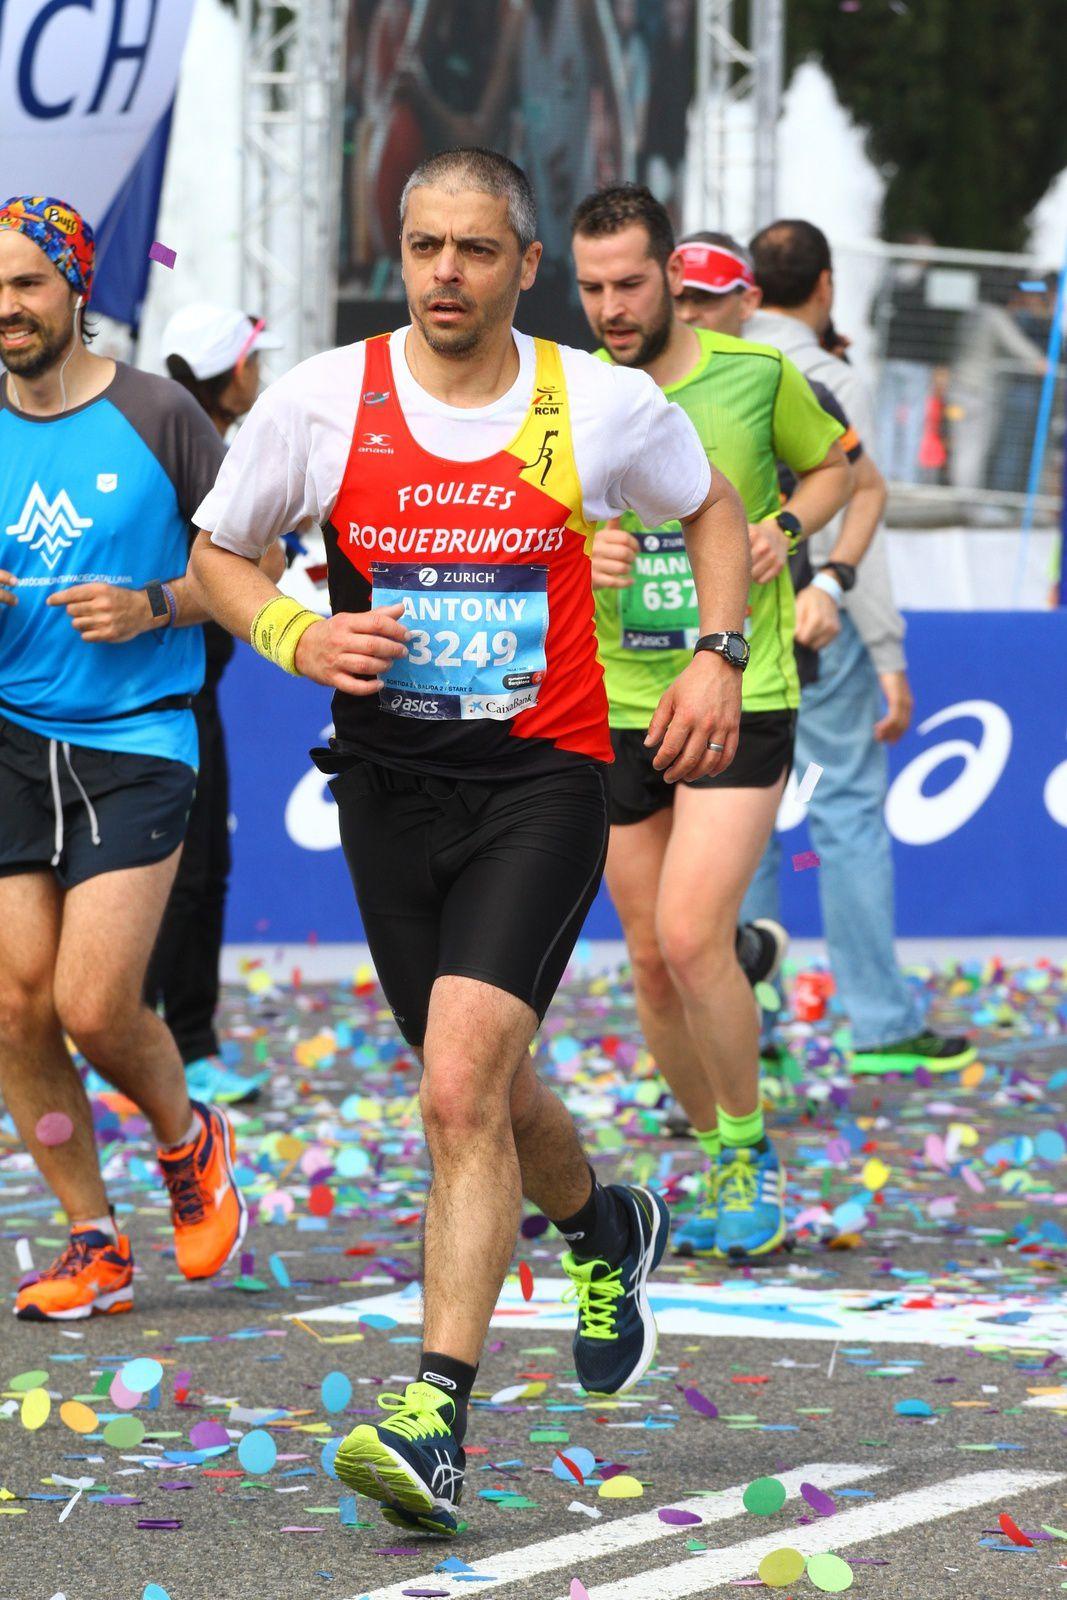 Antony sur semi marathon (en Italie en Février) puis à Barcelone au marathon (en mars) puis à Genève pour un second marathon (en mai). Quel régime !!!